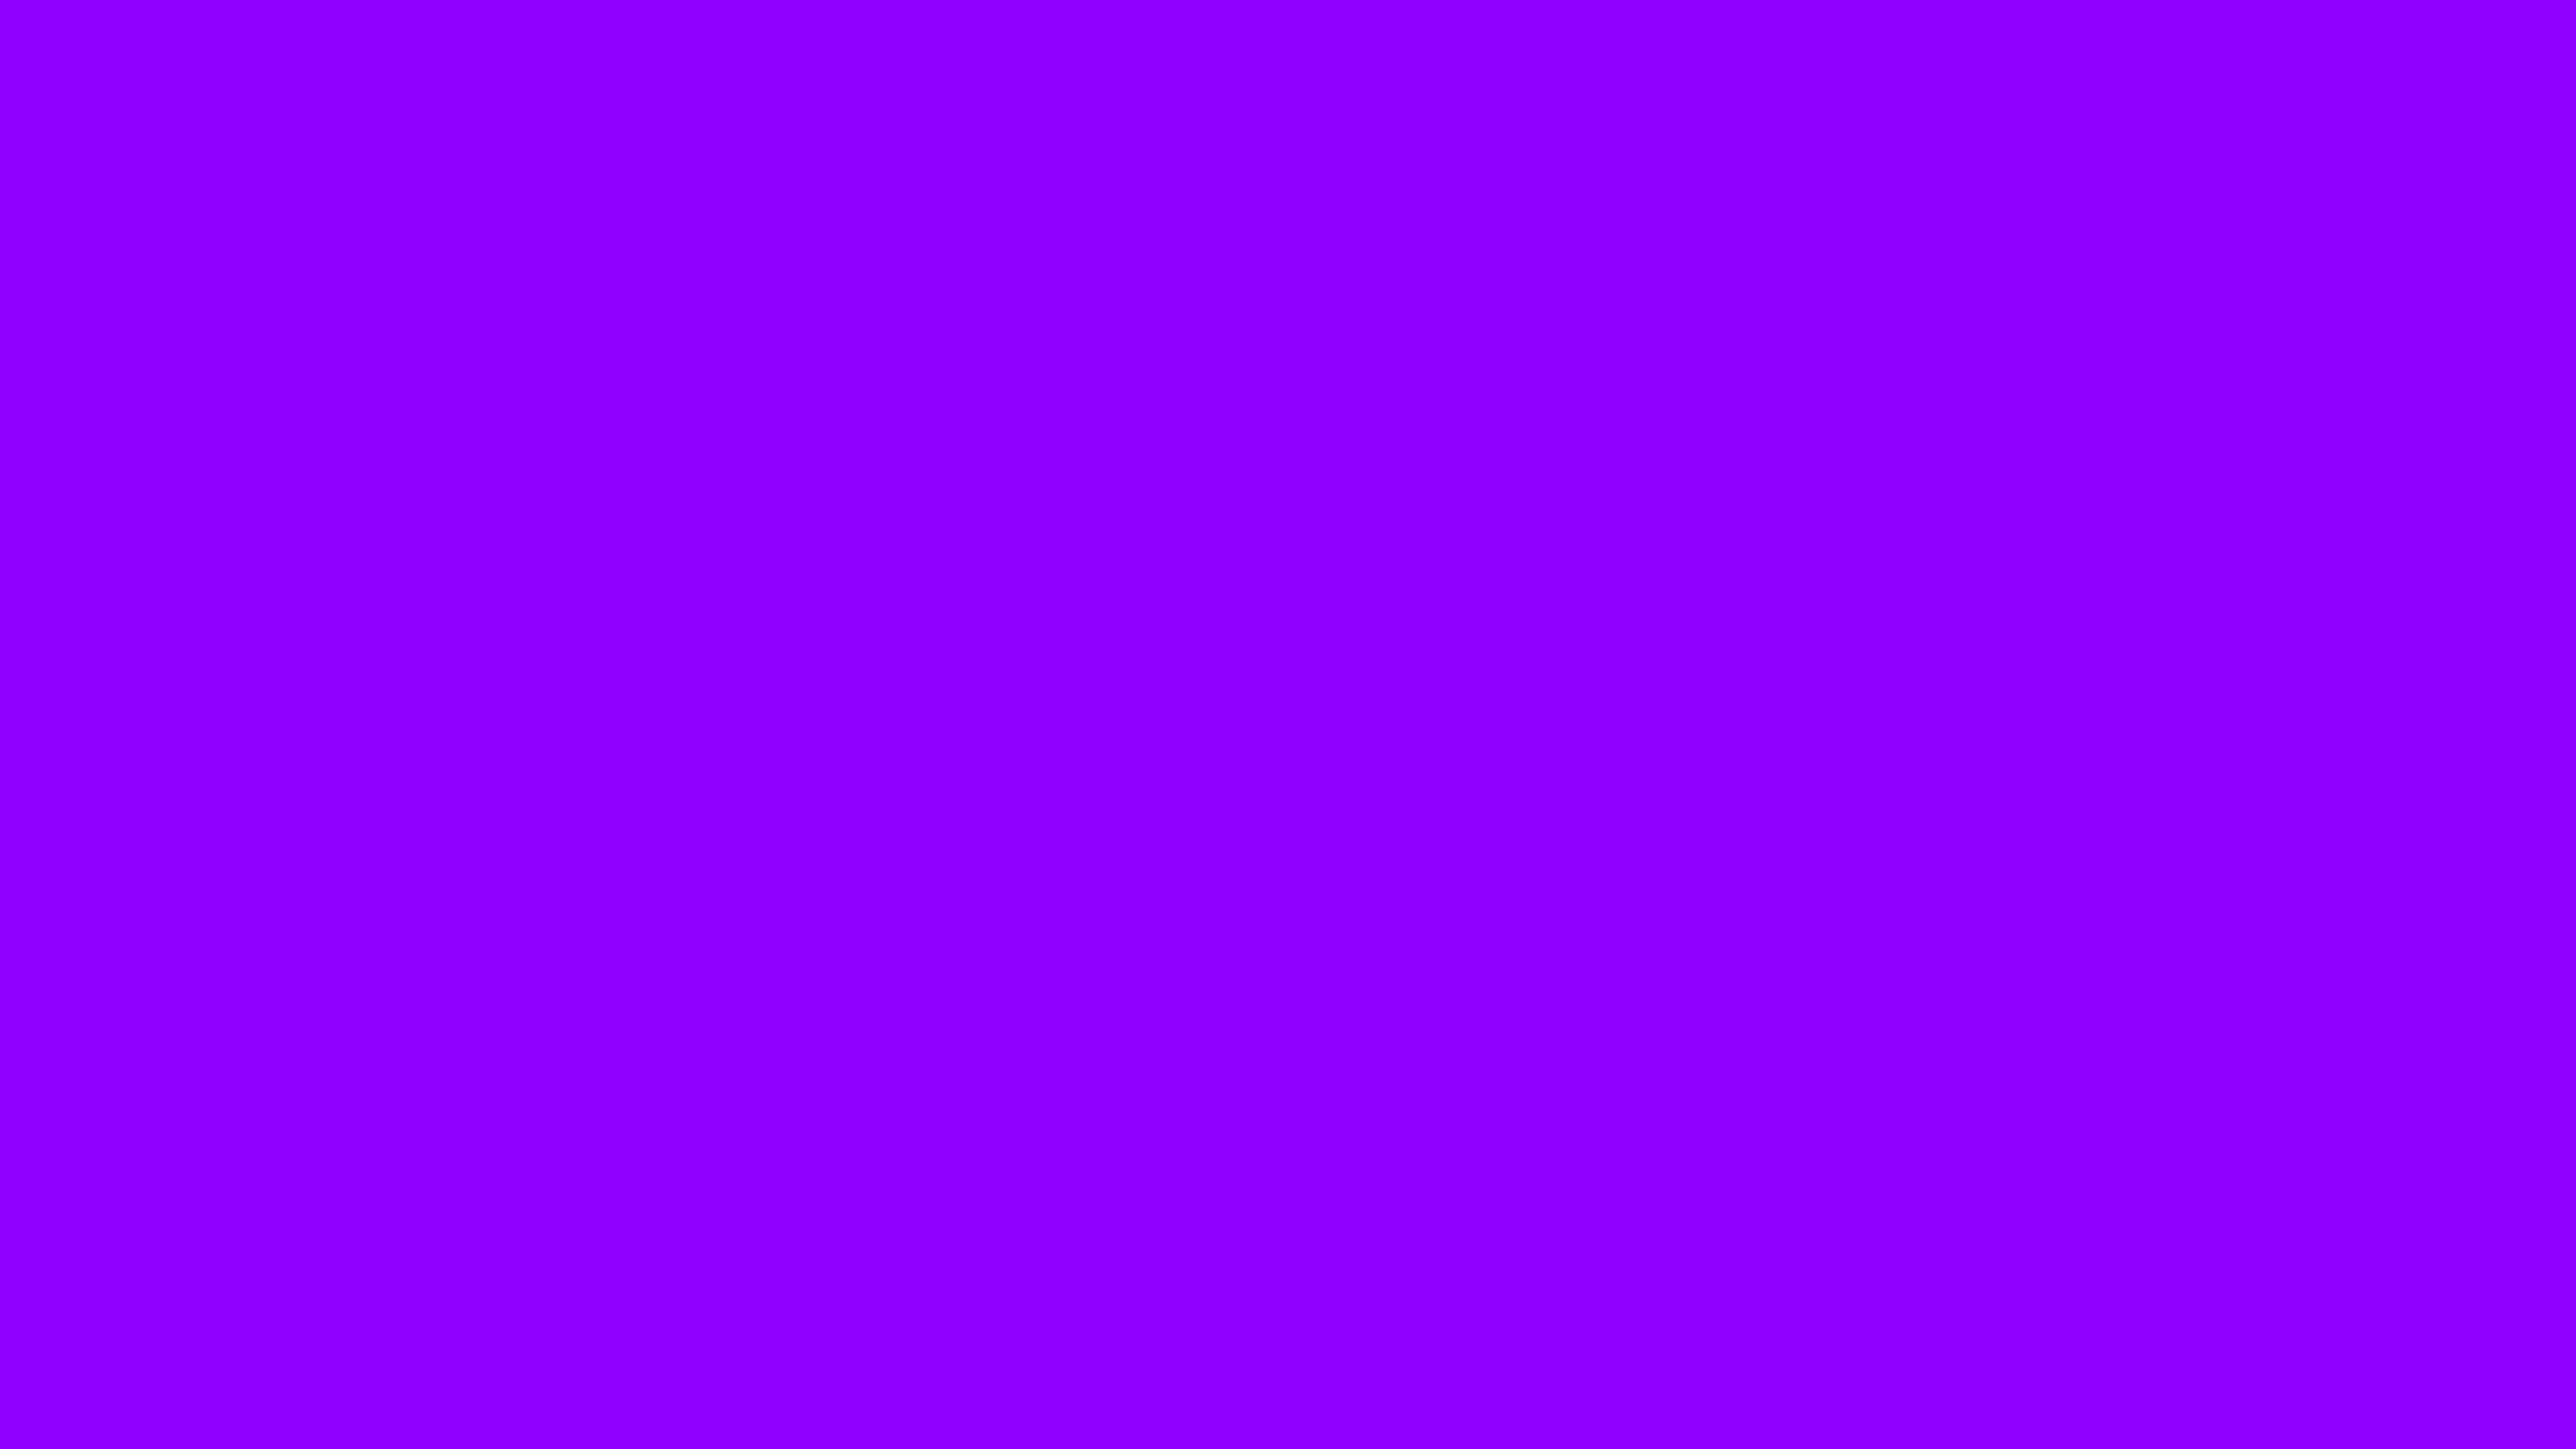 7680x4320 Violet Solid Color Background